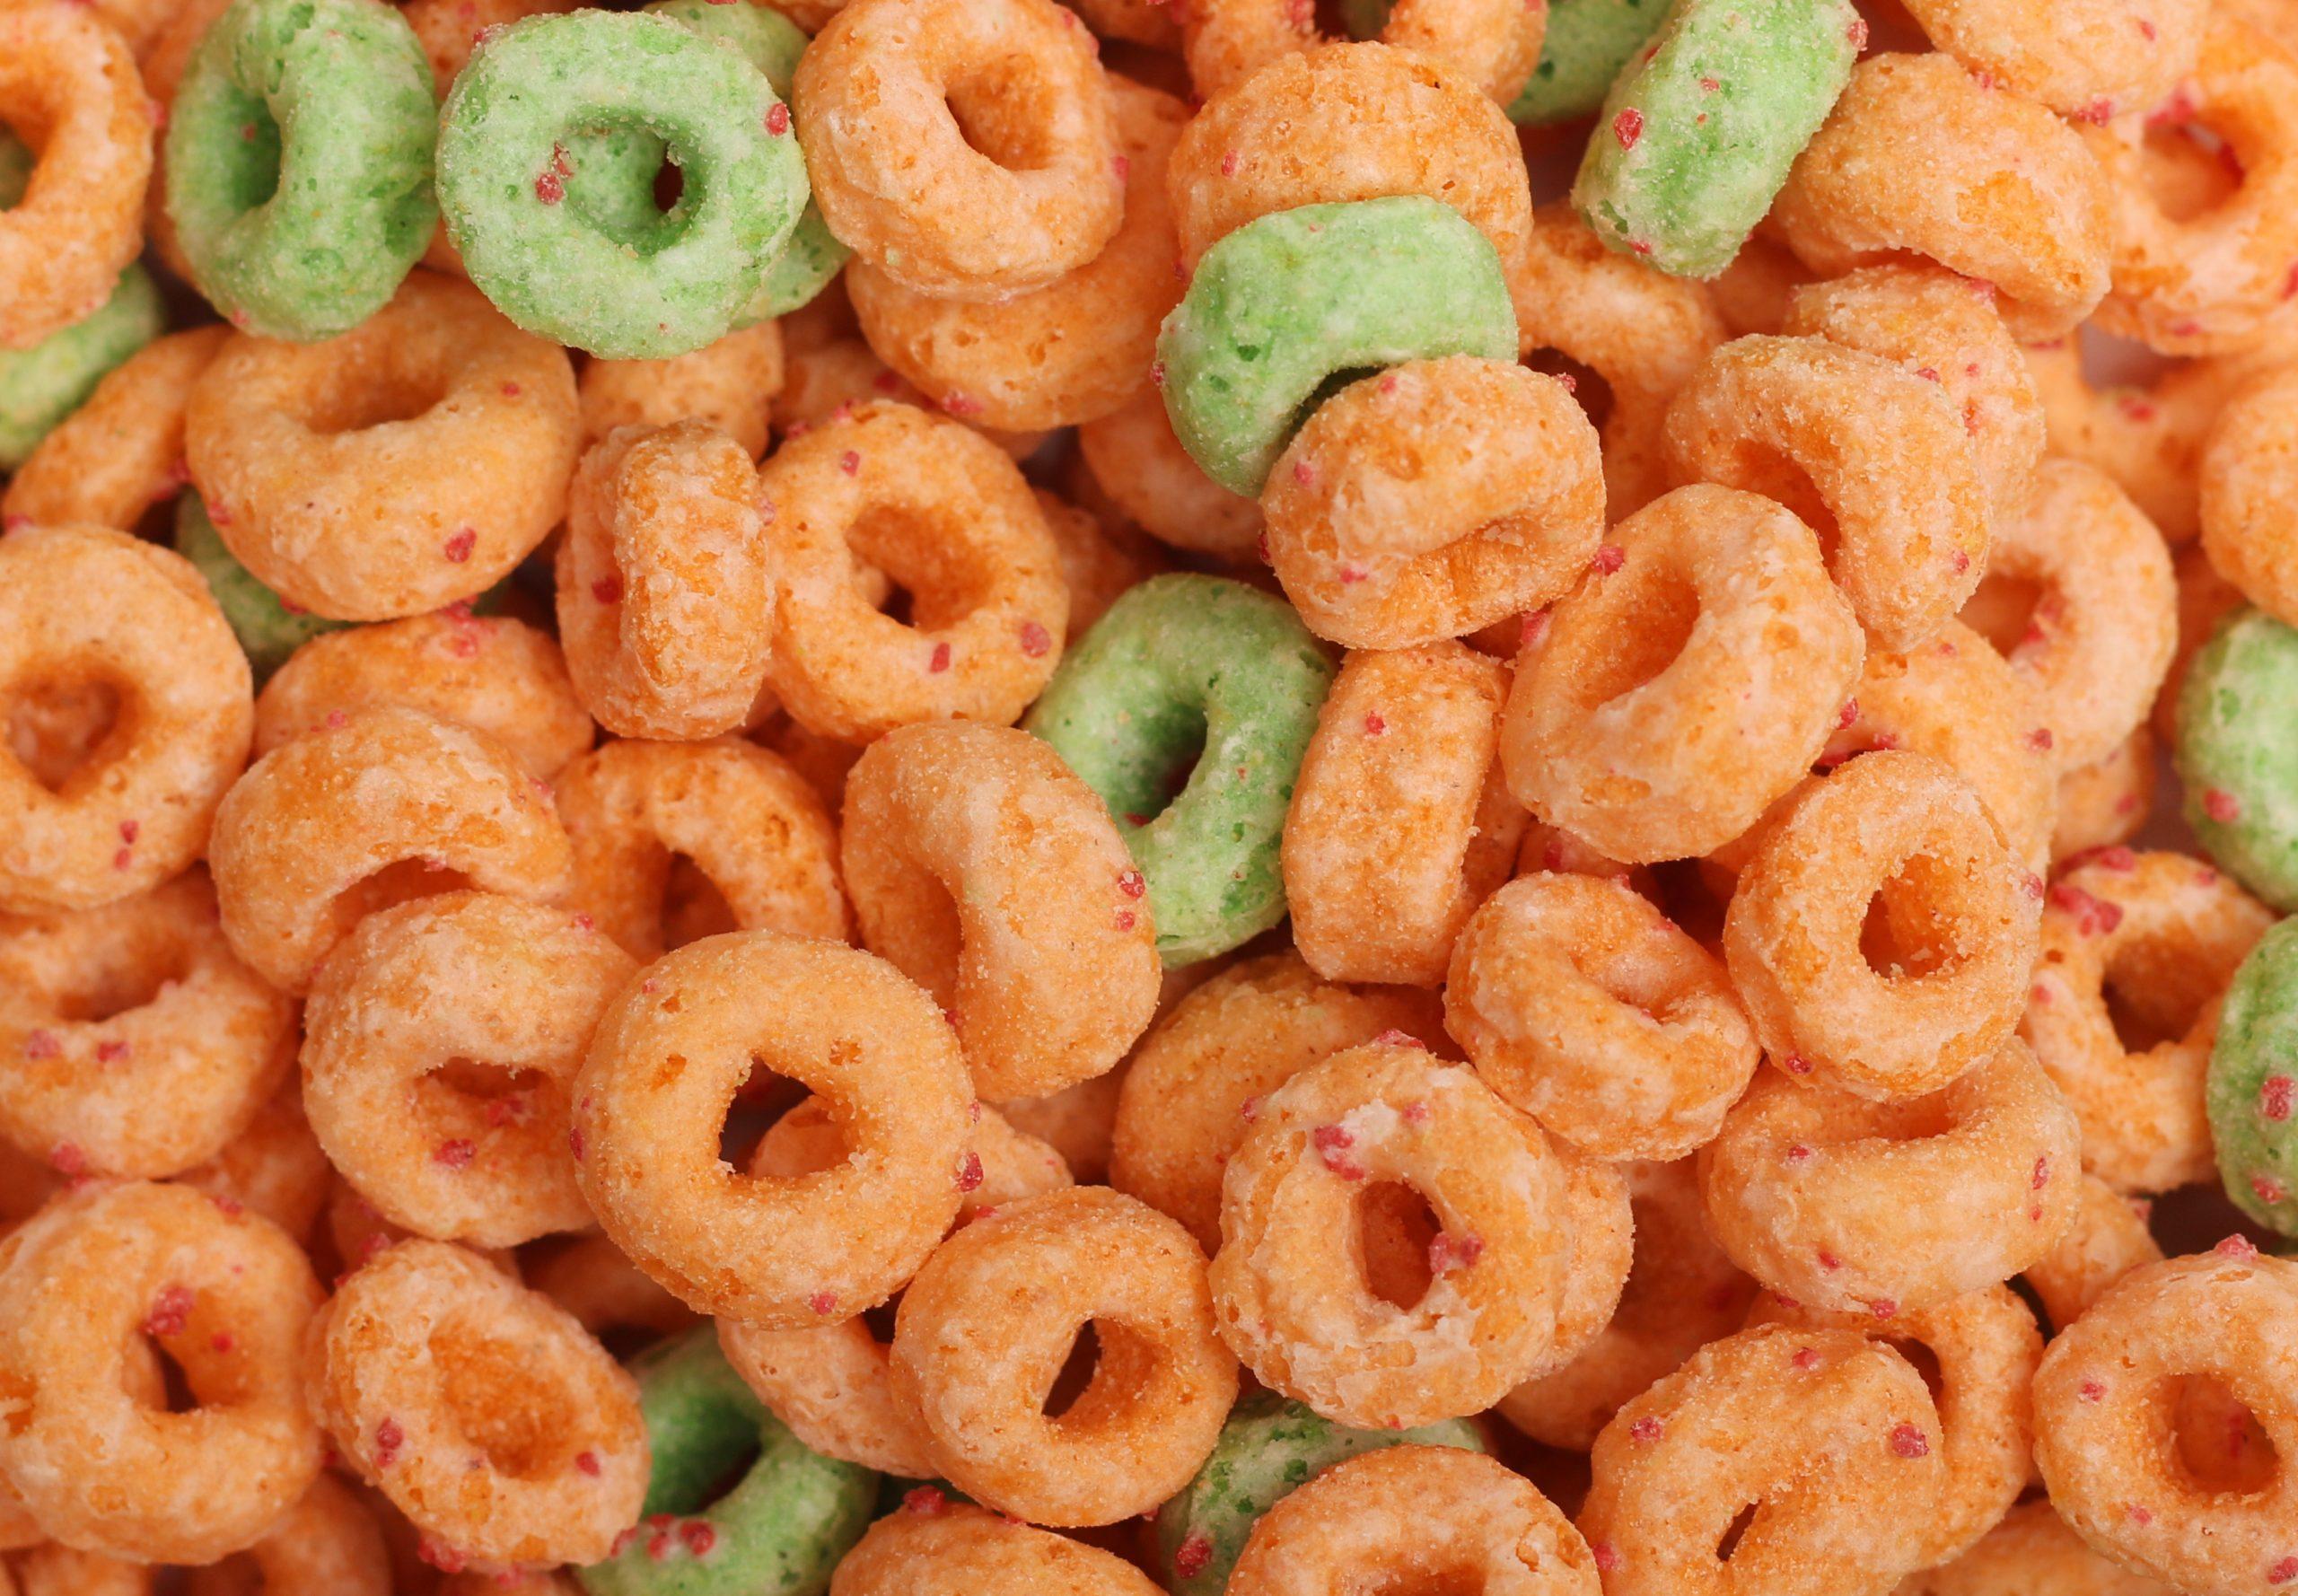 apple-jacks-cannabis-treats